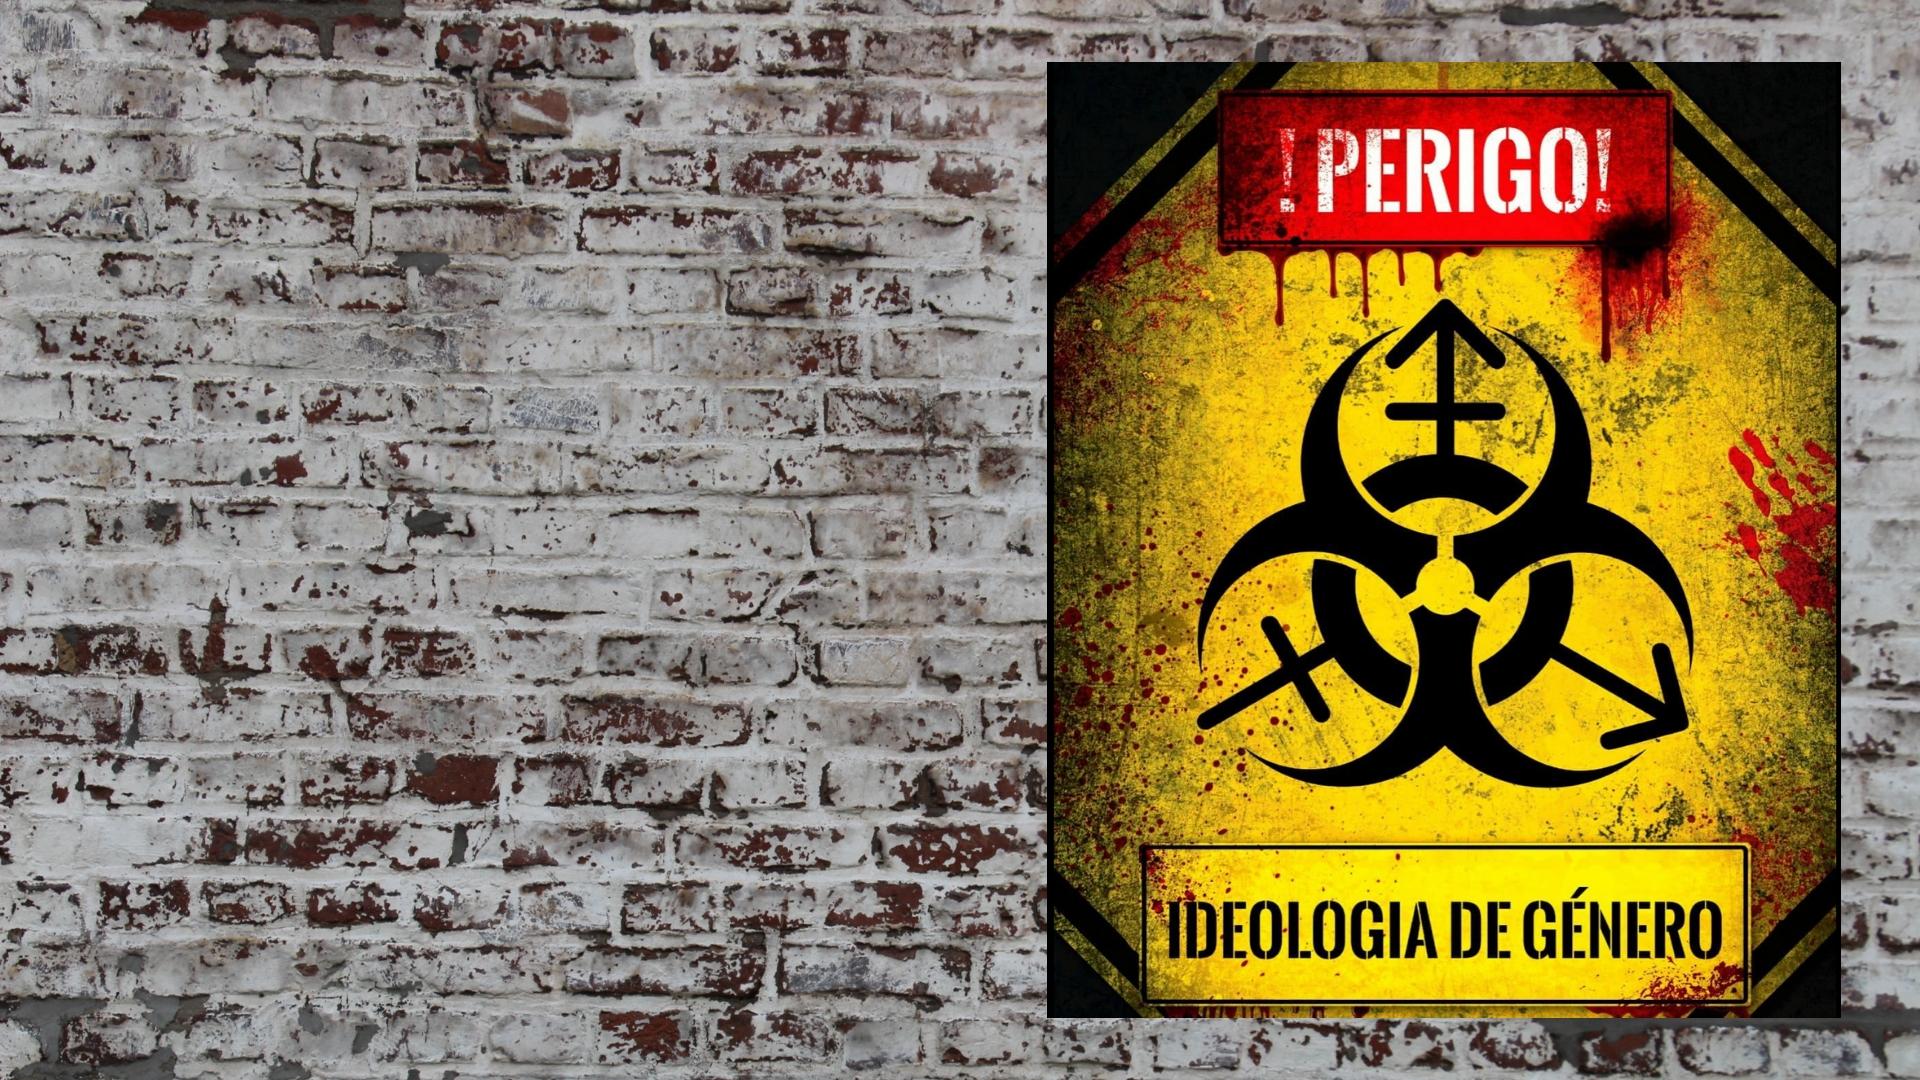 neonazis extrema direita portugal escolas cartazes